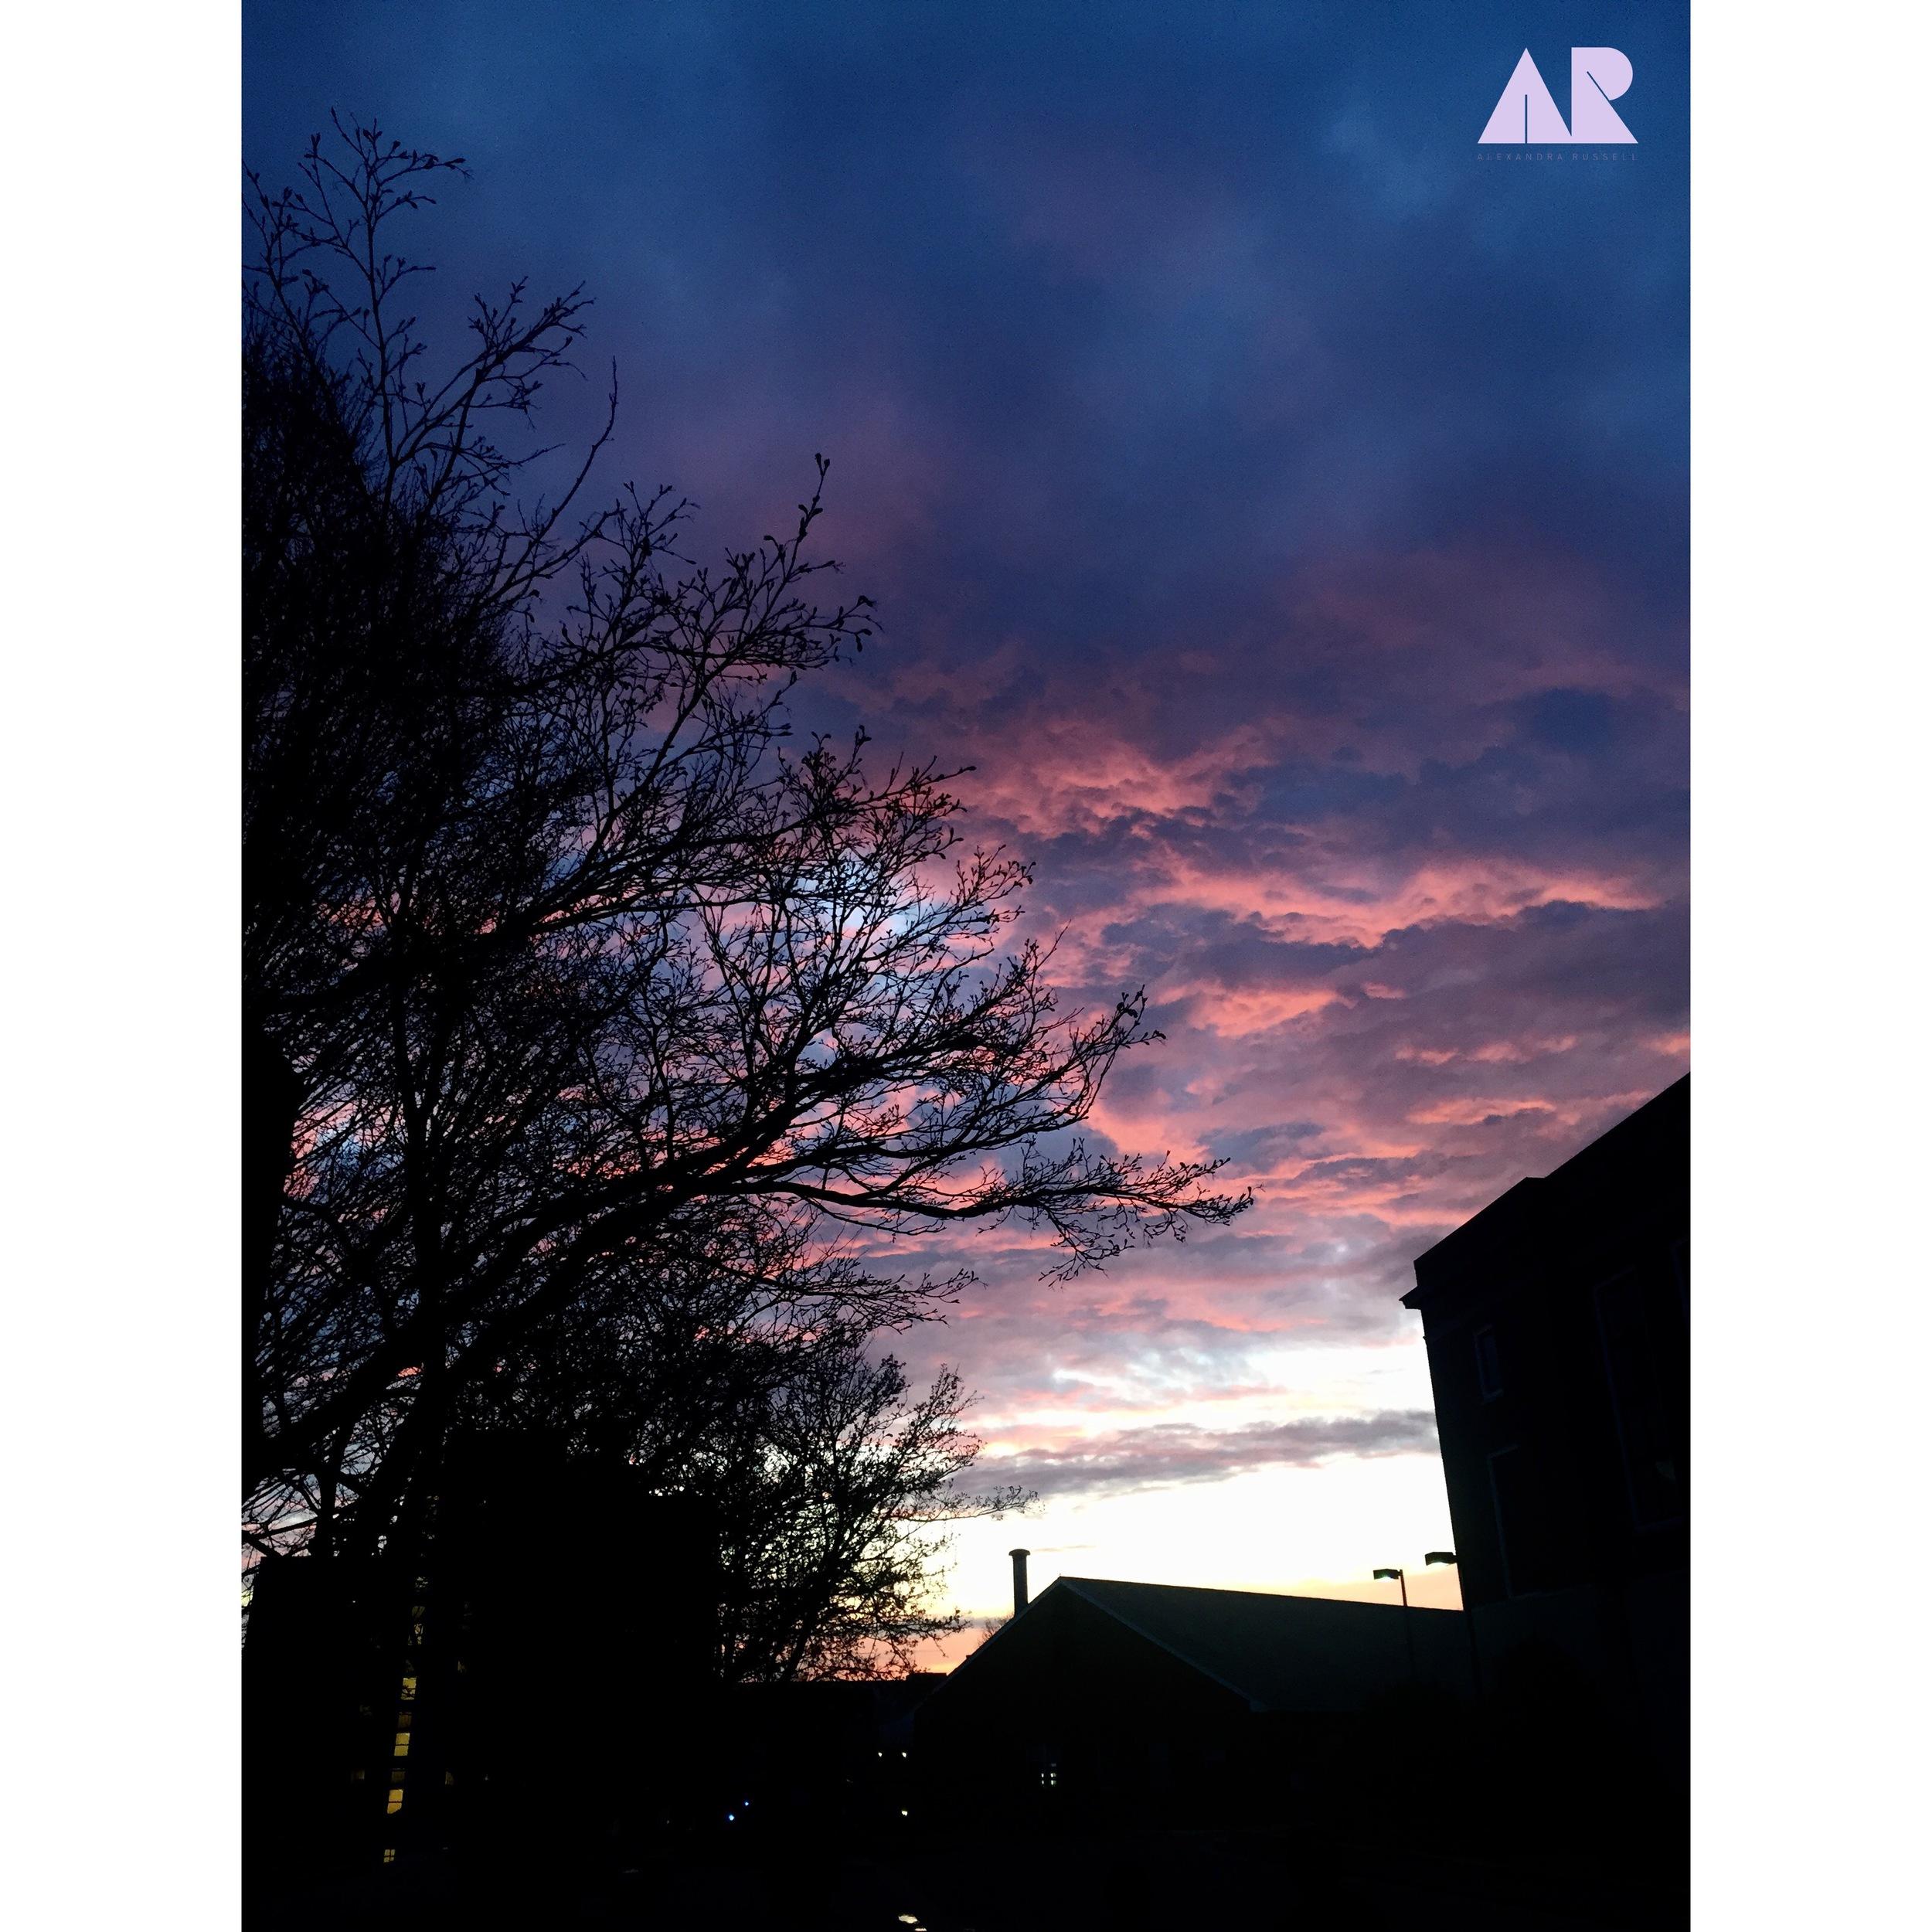 One beautiful sunset...